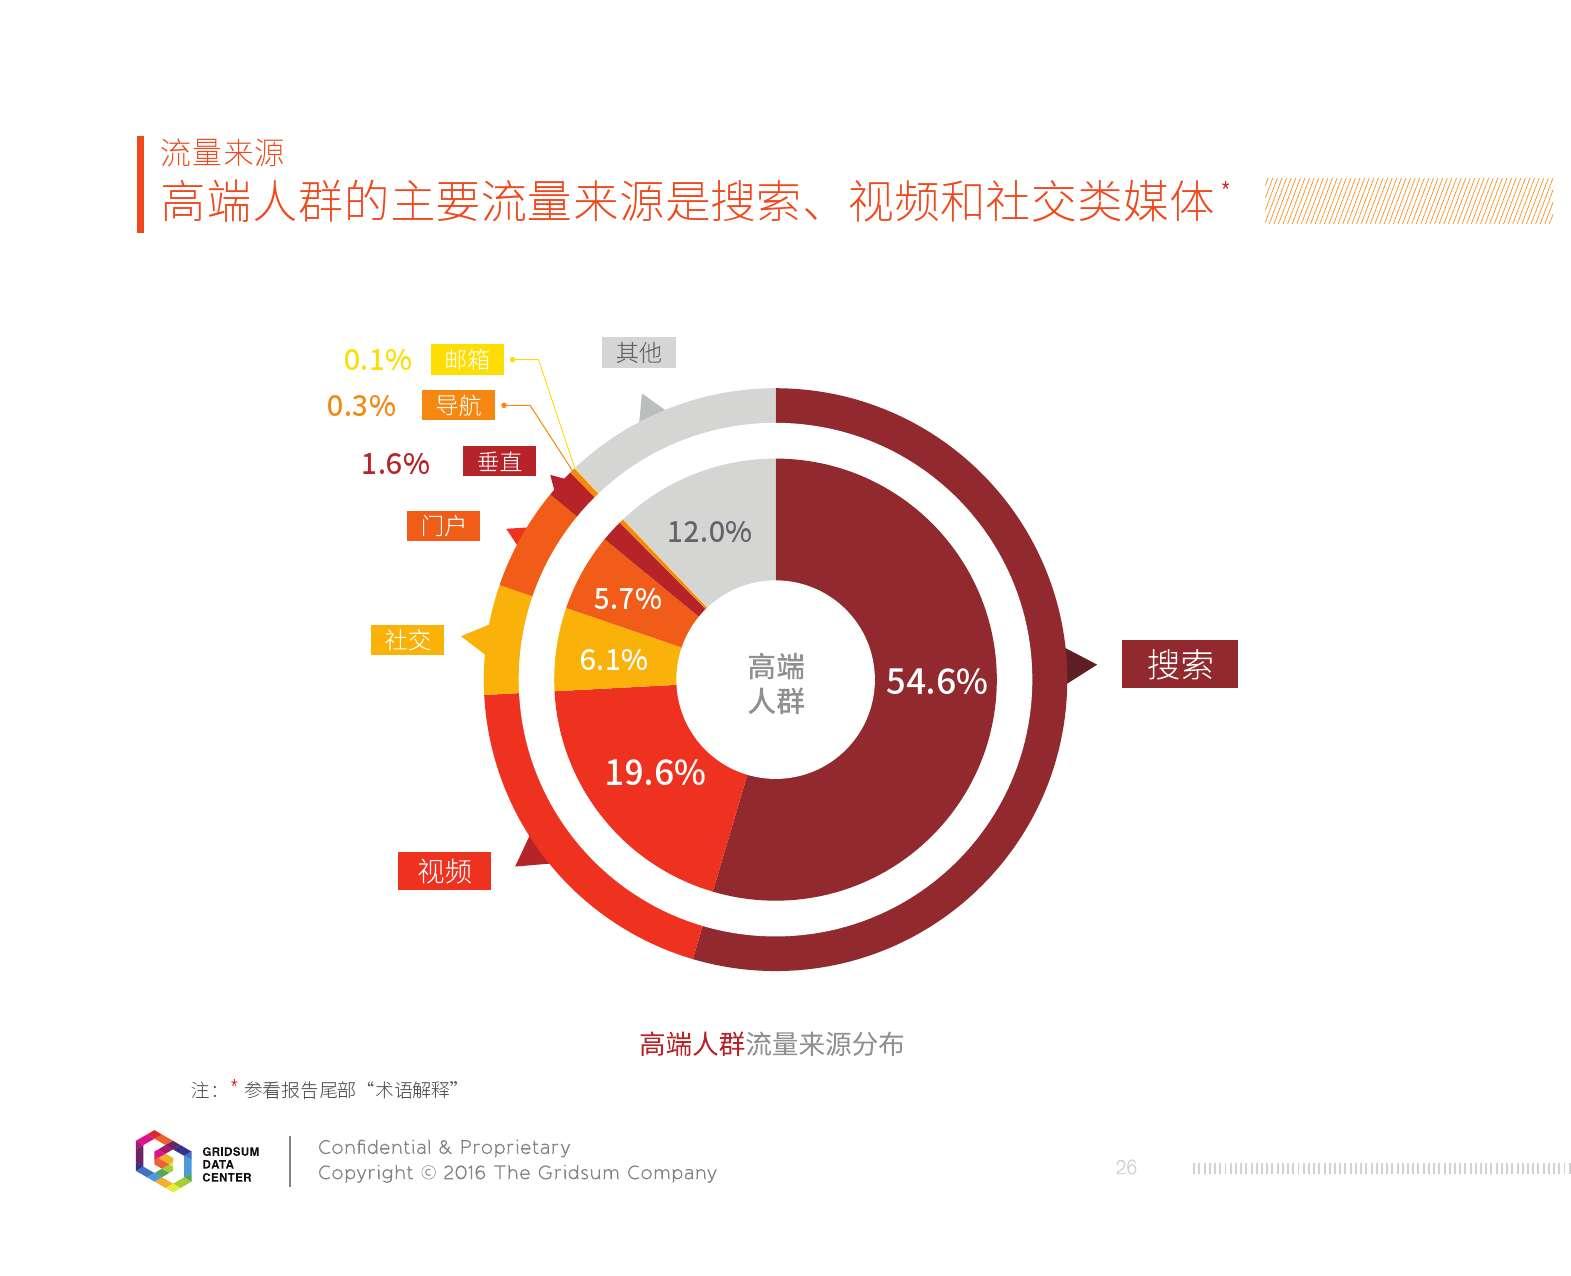 2015中国互联网发展报告_000028